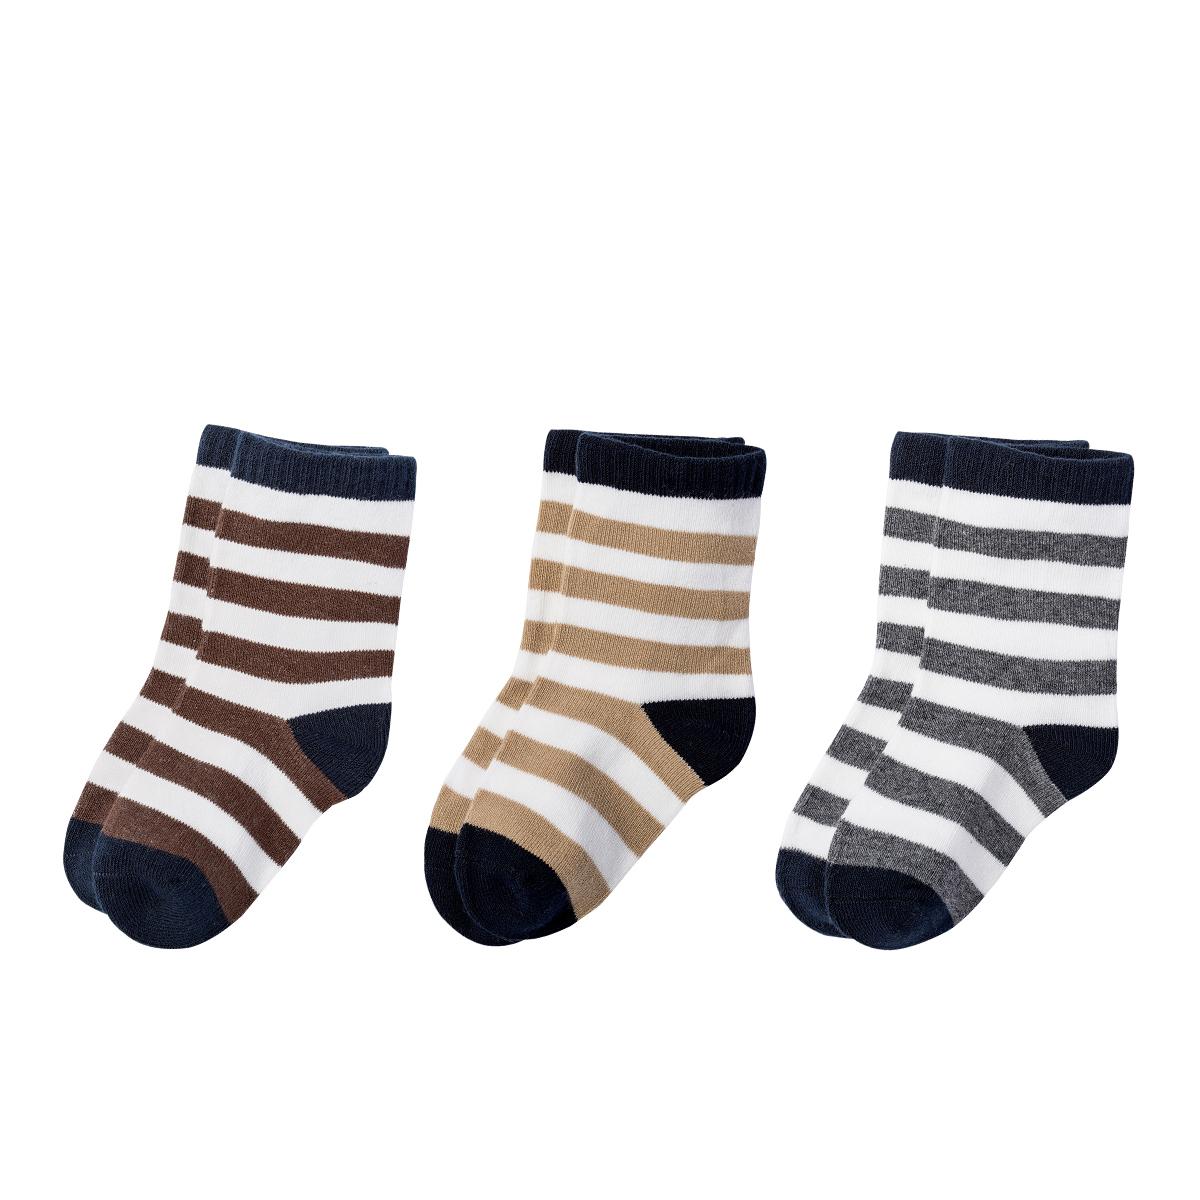 貝貝怡 嬰兒襪子寶寶條紋襪柔軟新生兒襪3雙裝 151P102